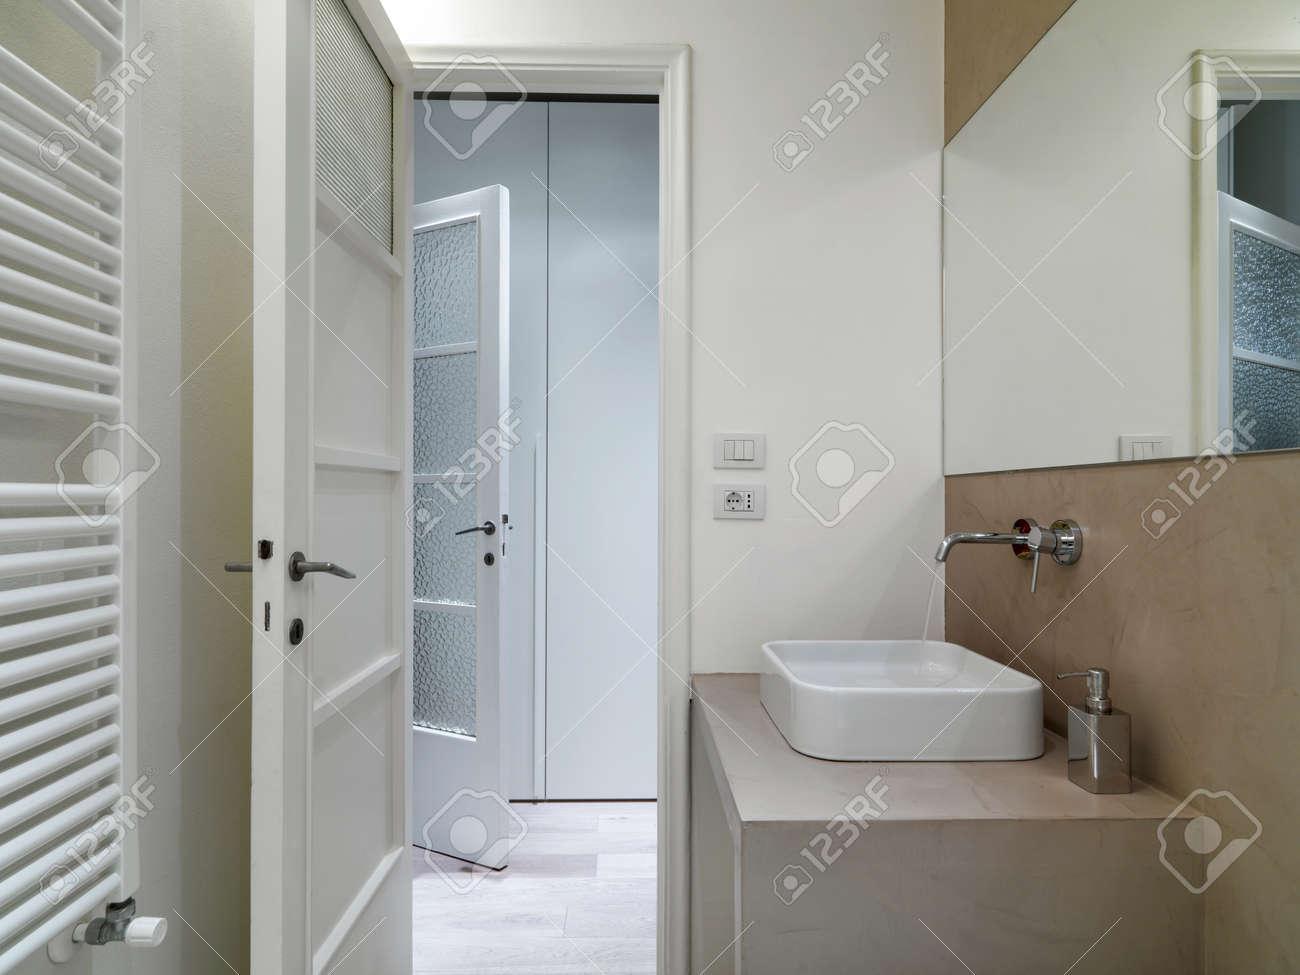 Detalle de washbsin de baño moderno con la puerta abierta el ...